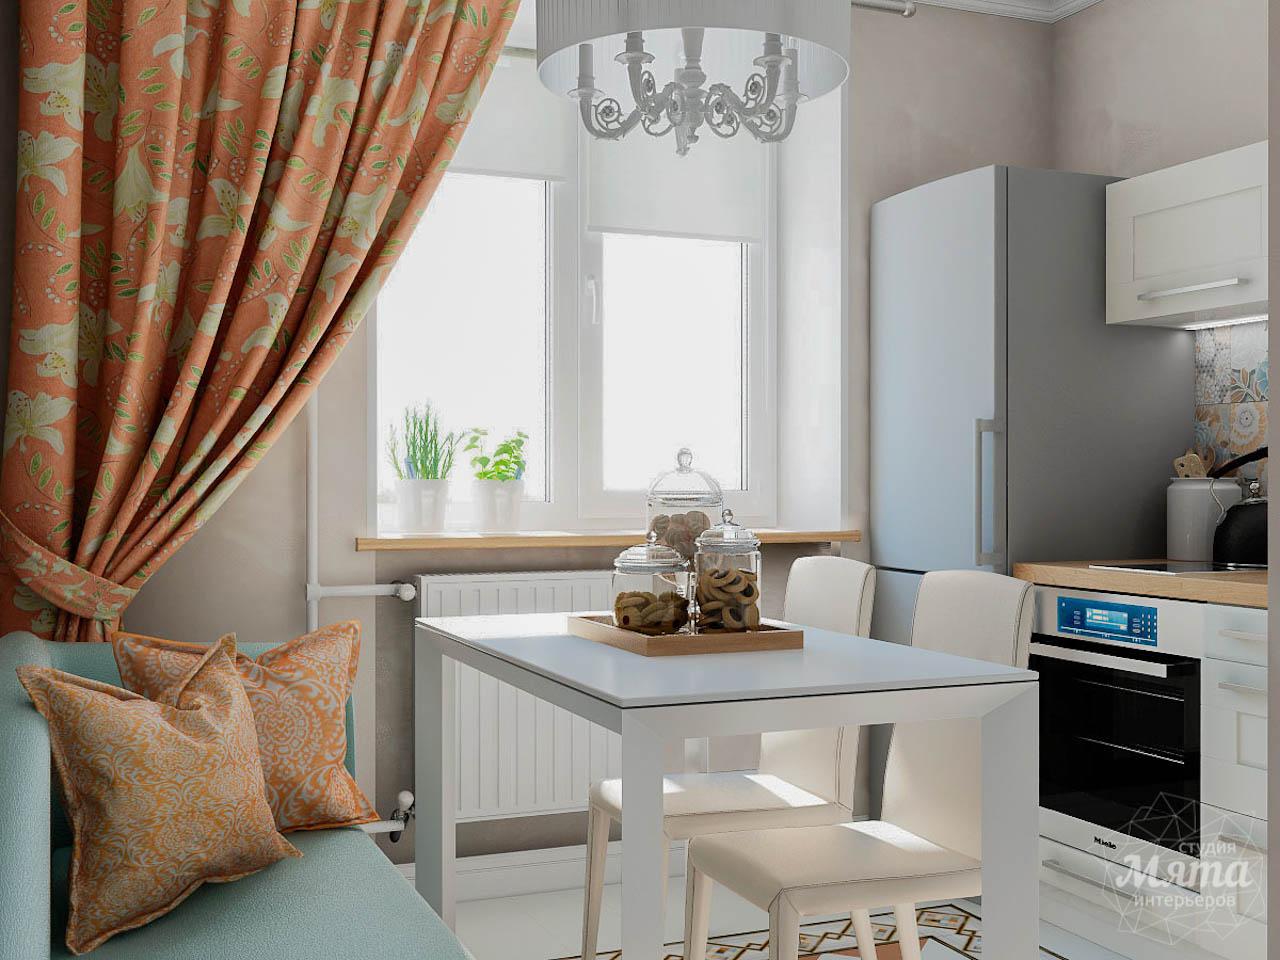 Дизайн интерьера однокомнатной квартиры по ул. Мичурина 231 img461610776